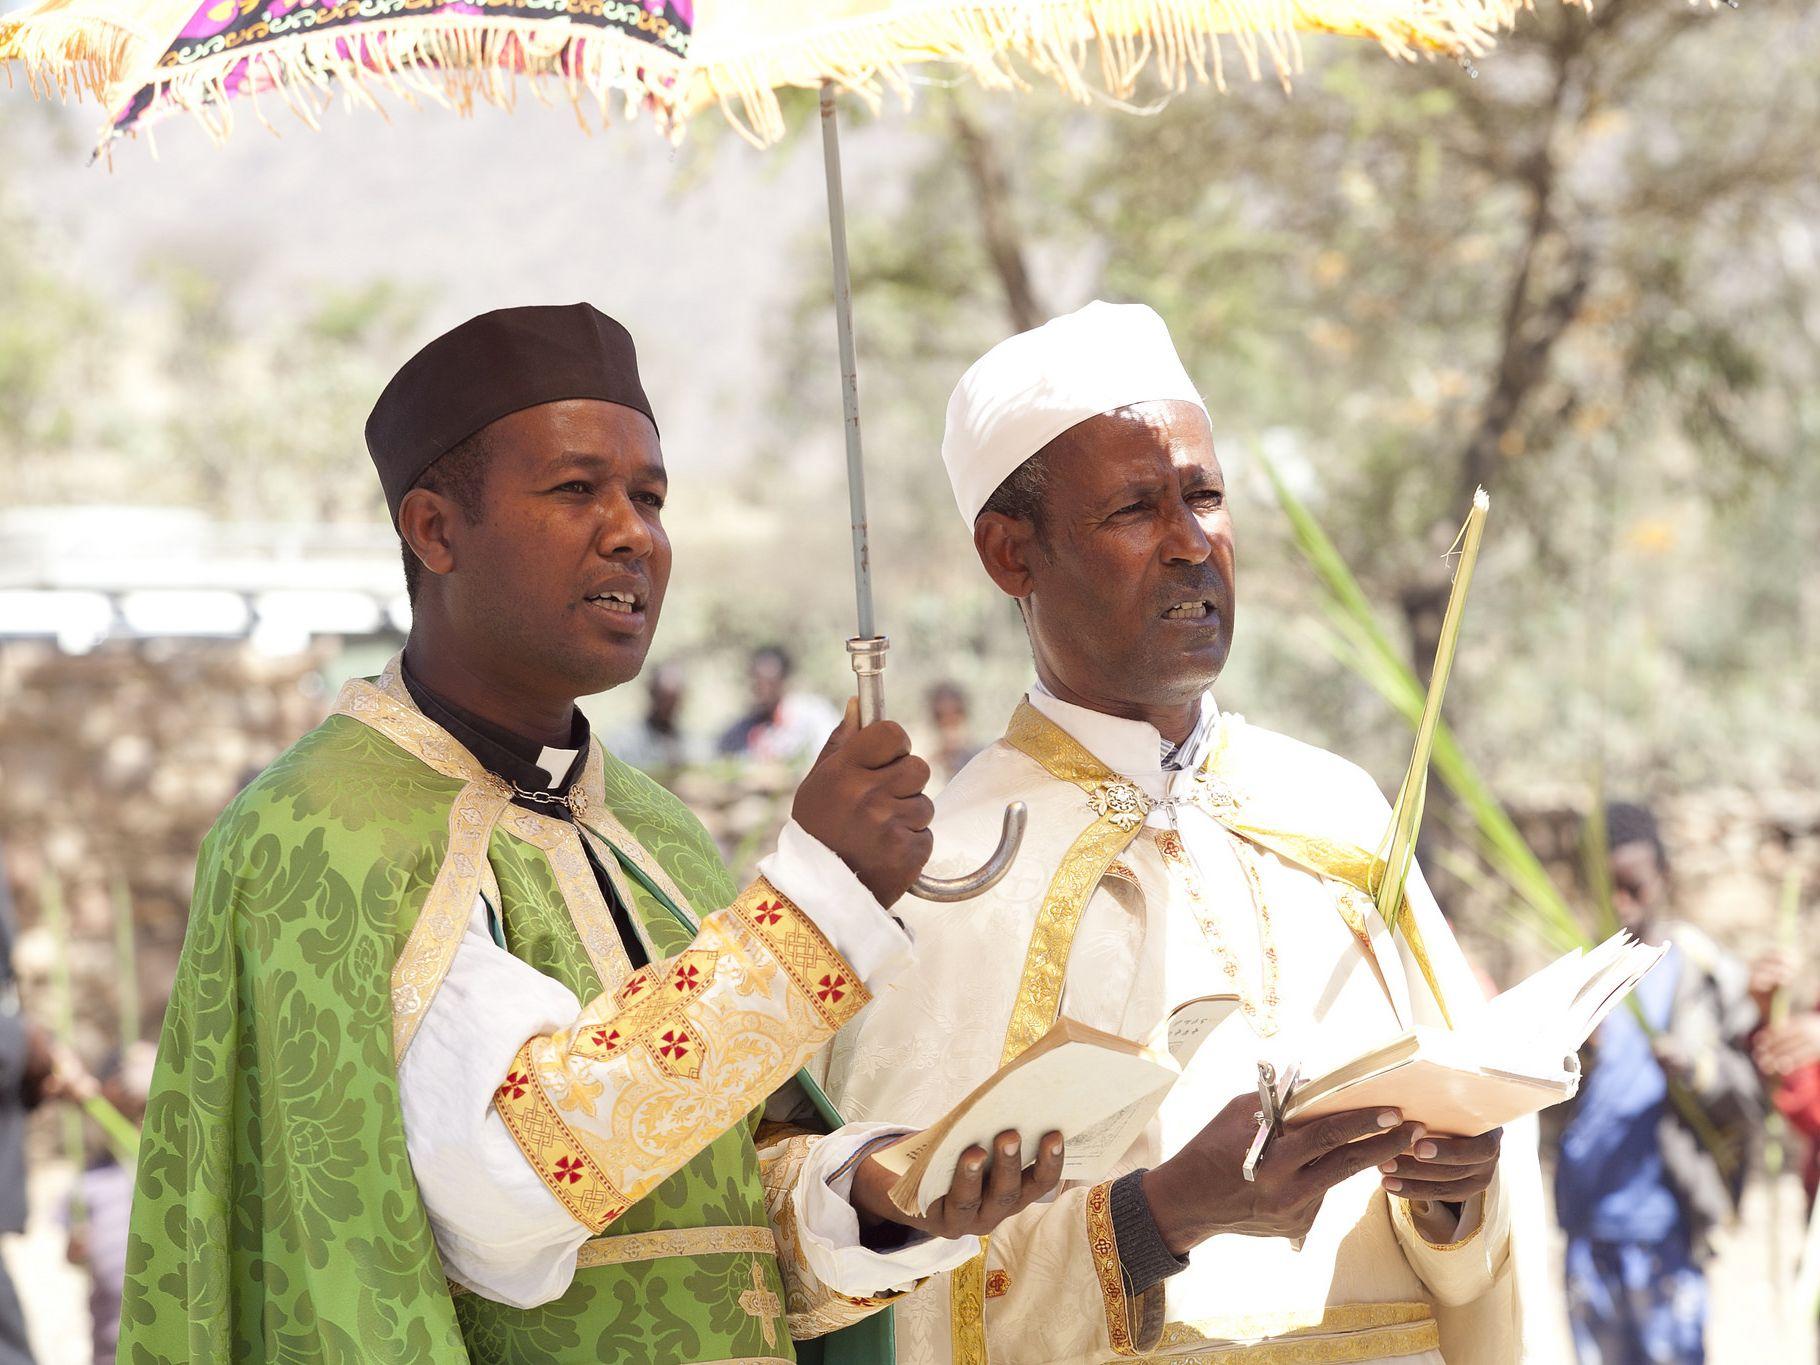 Katolicka liturgia niedzieli palmowej w Etiopii